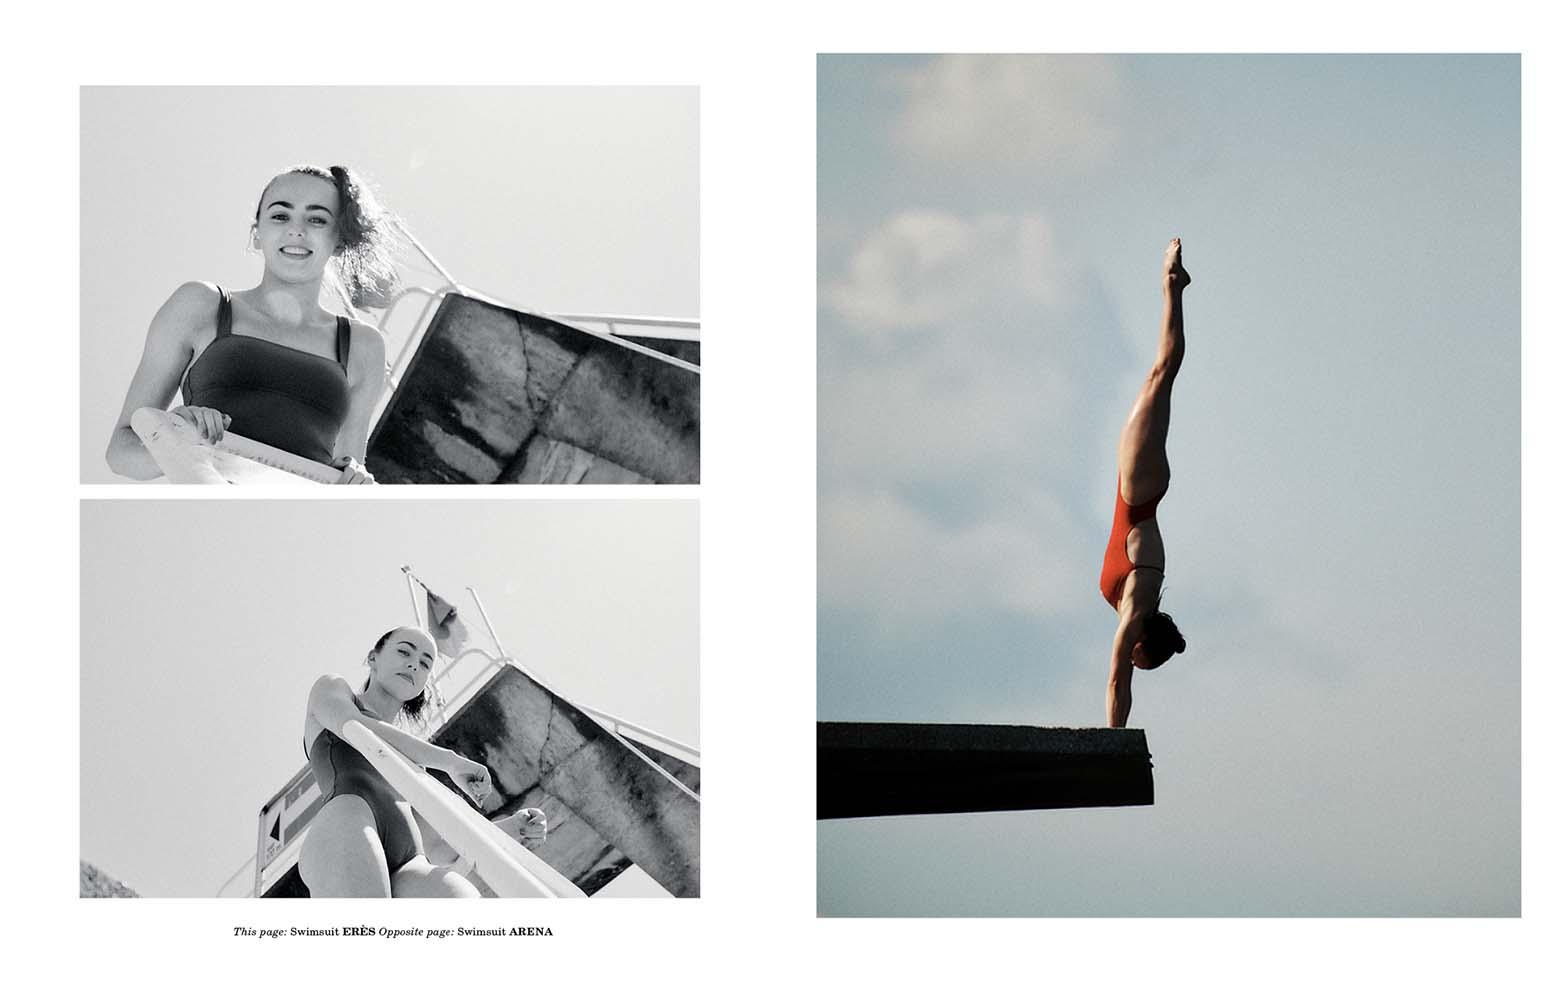 Human Shift by Stina Daag